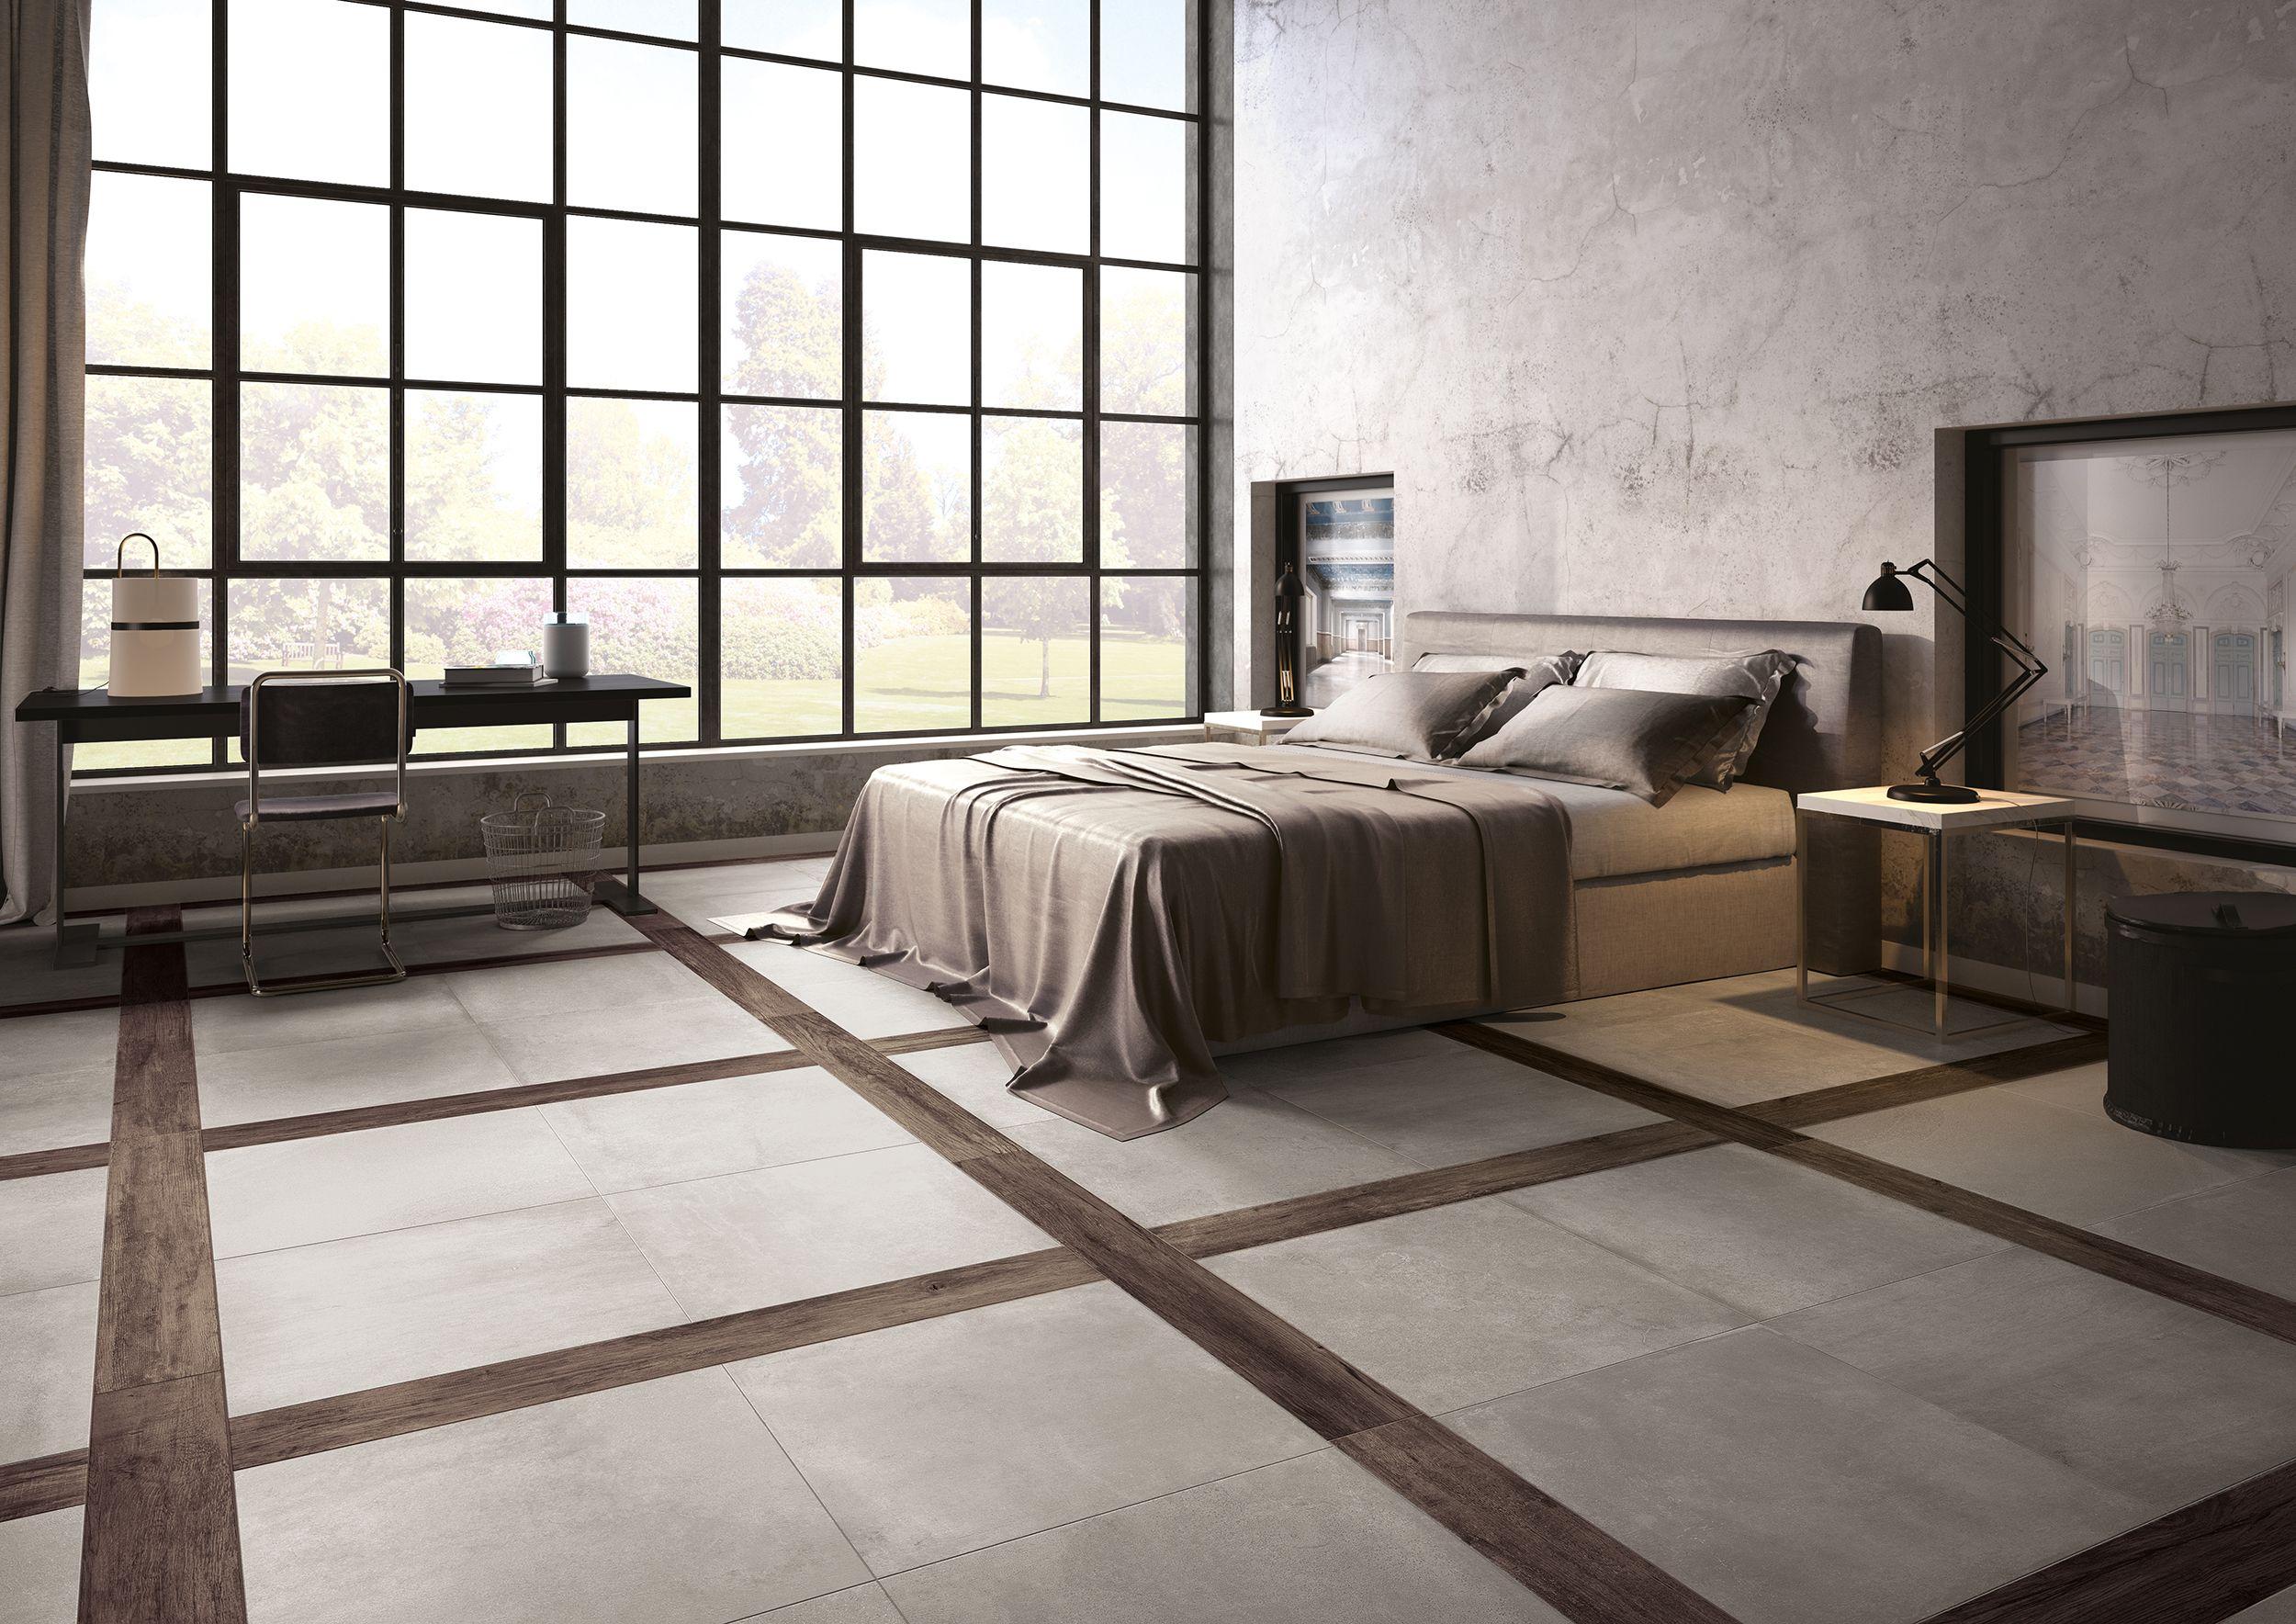 Camera da letto con piastrelle in gres porcellanato effetto cemento ...